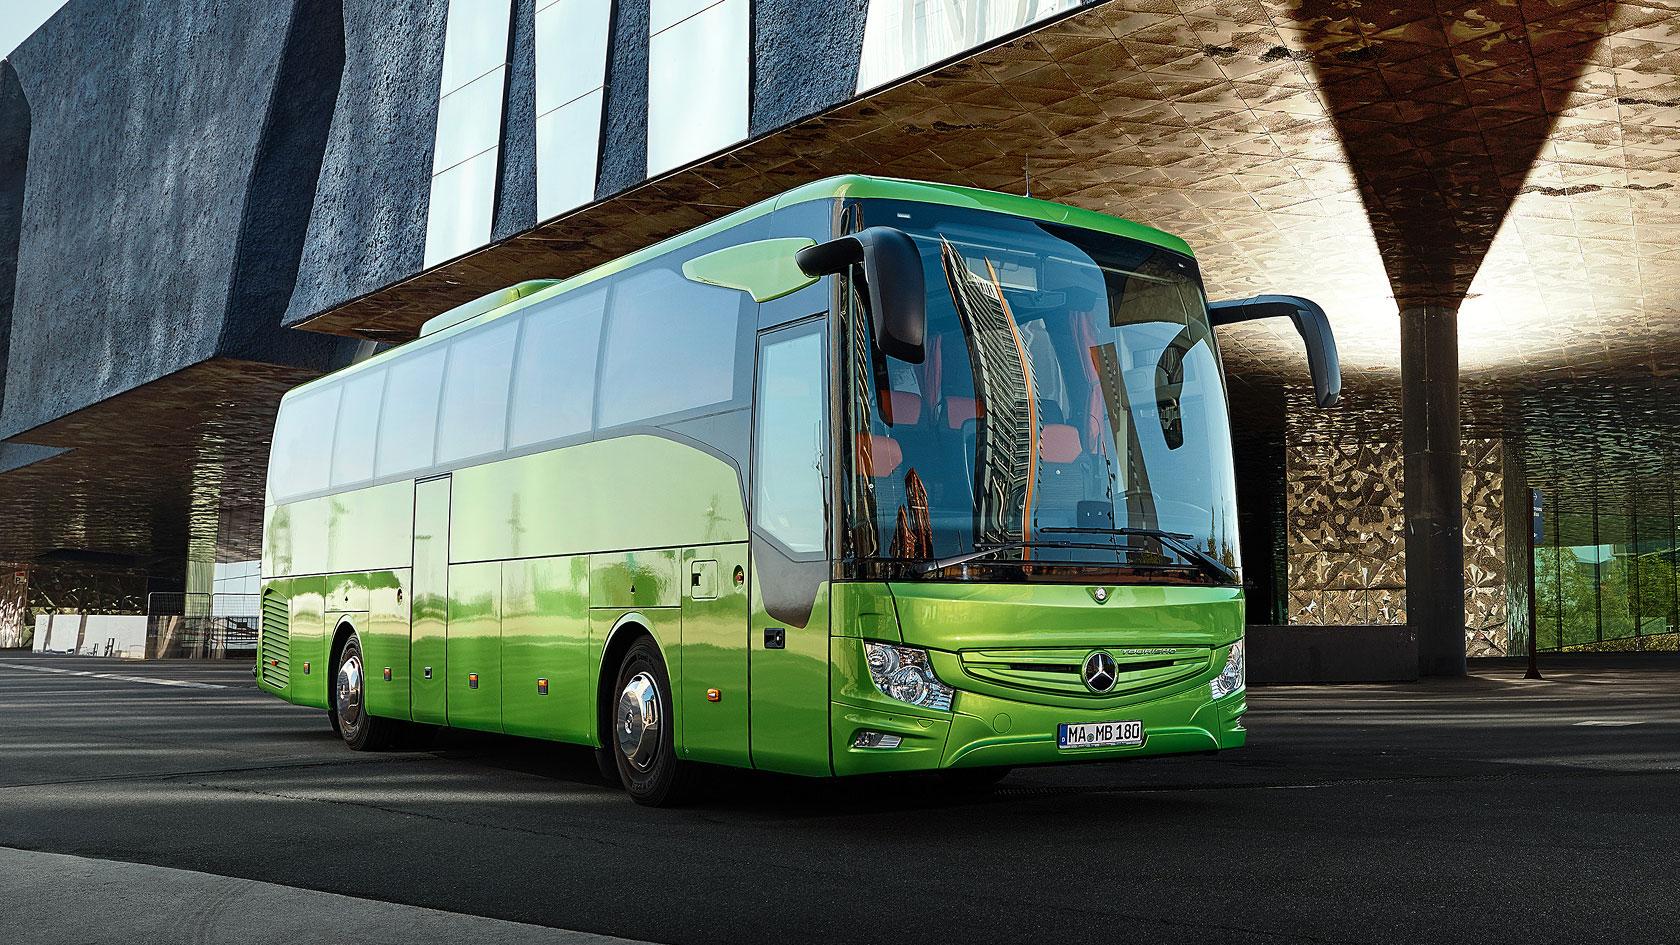 Mercedes Benz Sprinter >> Tourismo: Design – Mercedes-Benz Buses and Coaches